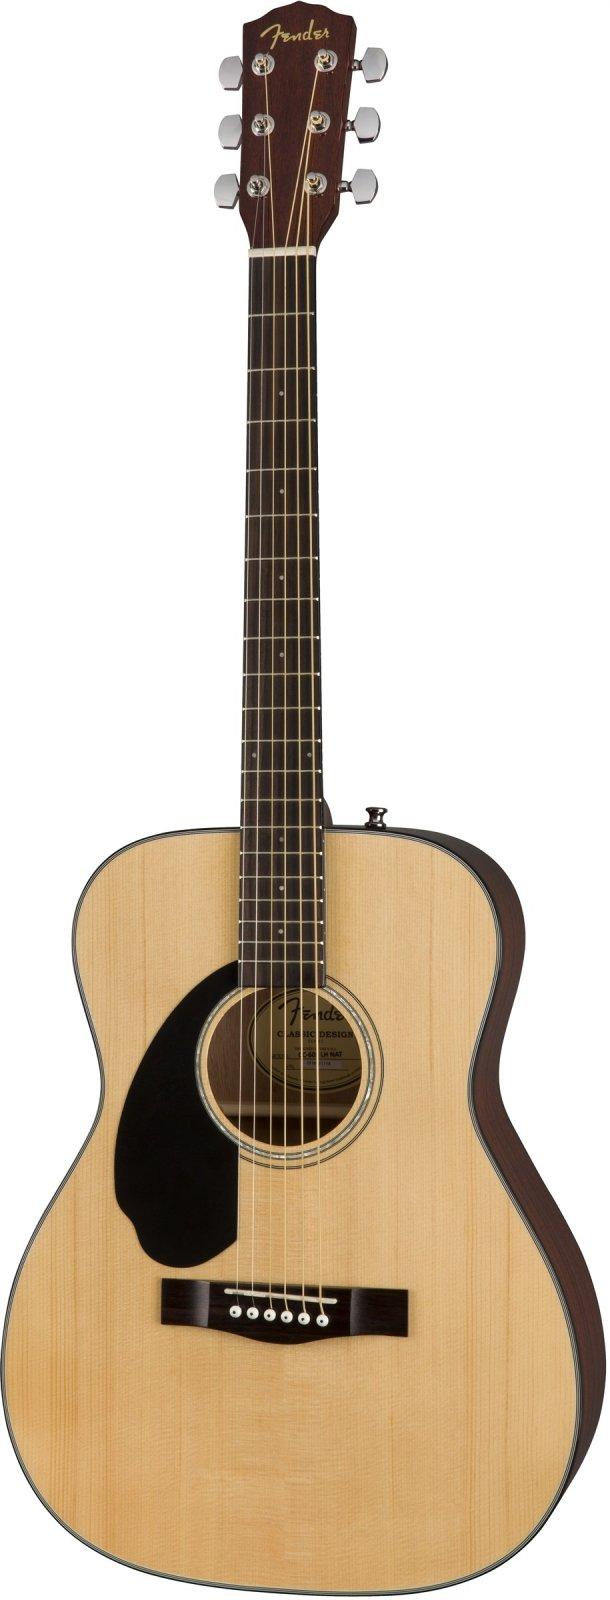 Fender CC-60S Concert Guitar L/H